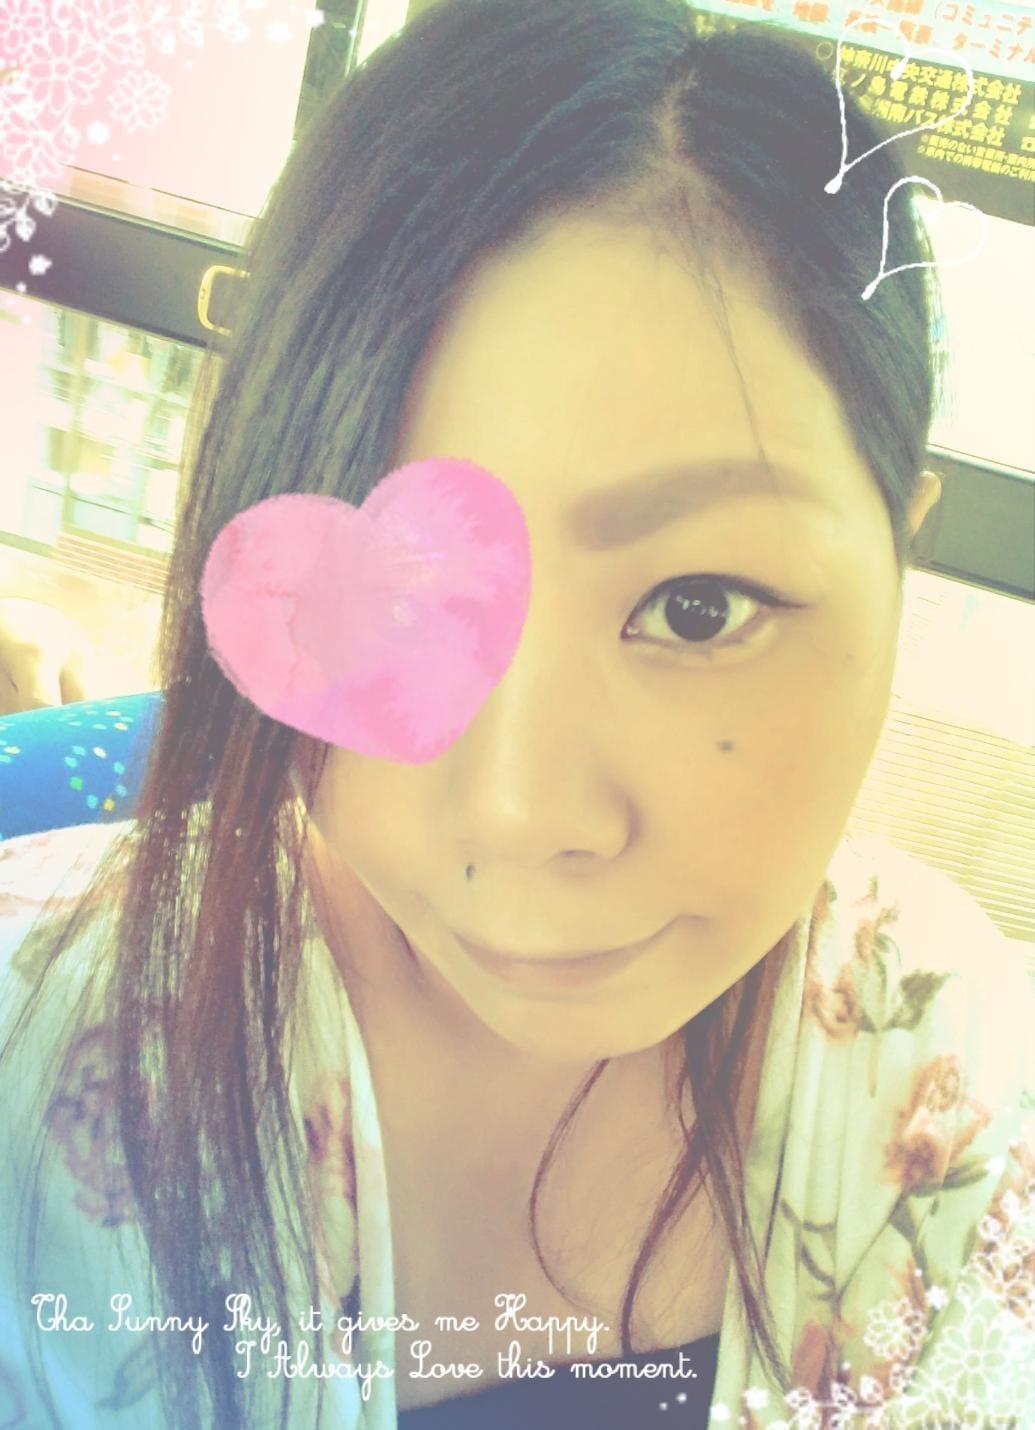 ゆずか☆淫乱ロリッ娘!「お礼♪」08/19(日) 00:26 | ゆずか☆淫乱ロリッ娘!の写メ・風俗動画